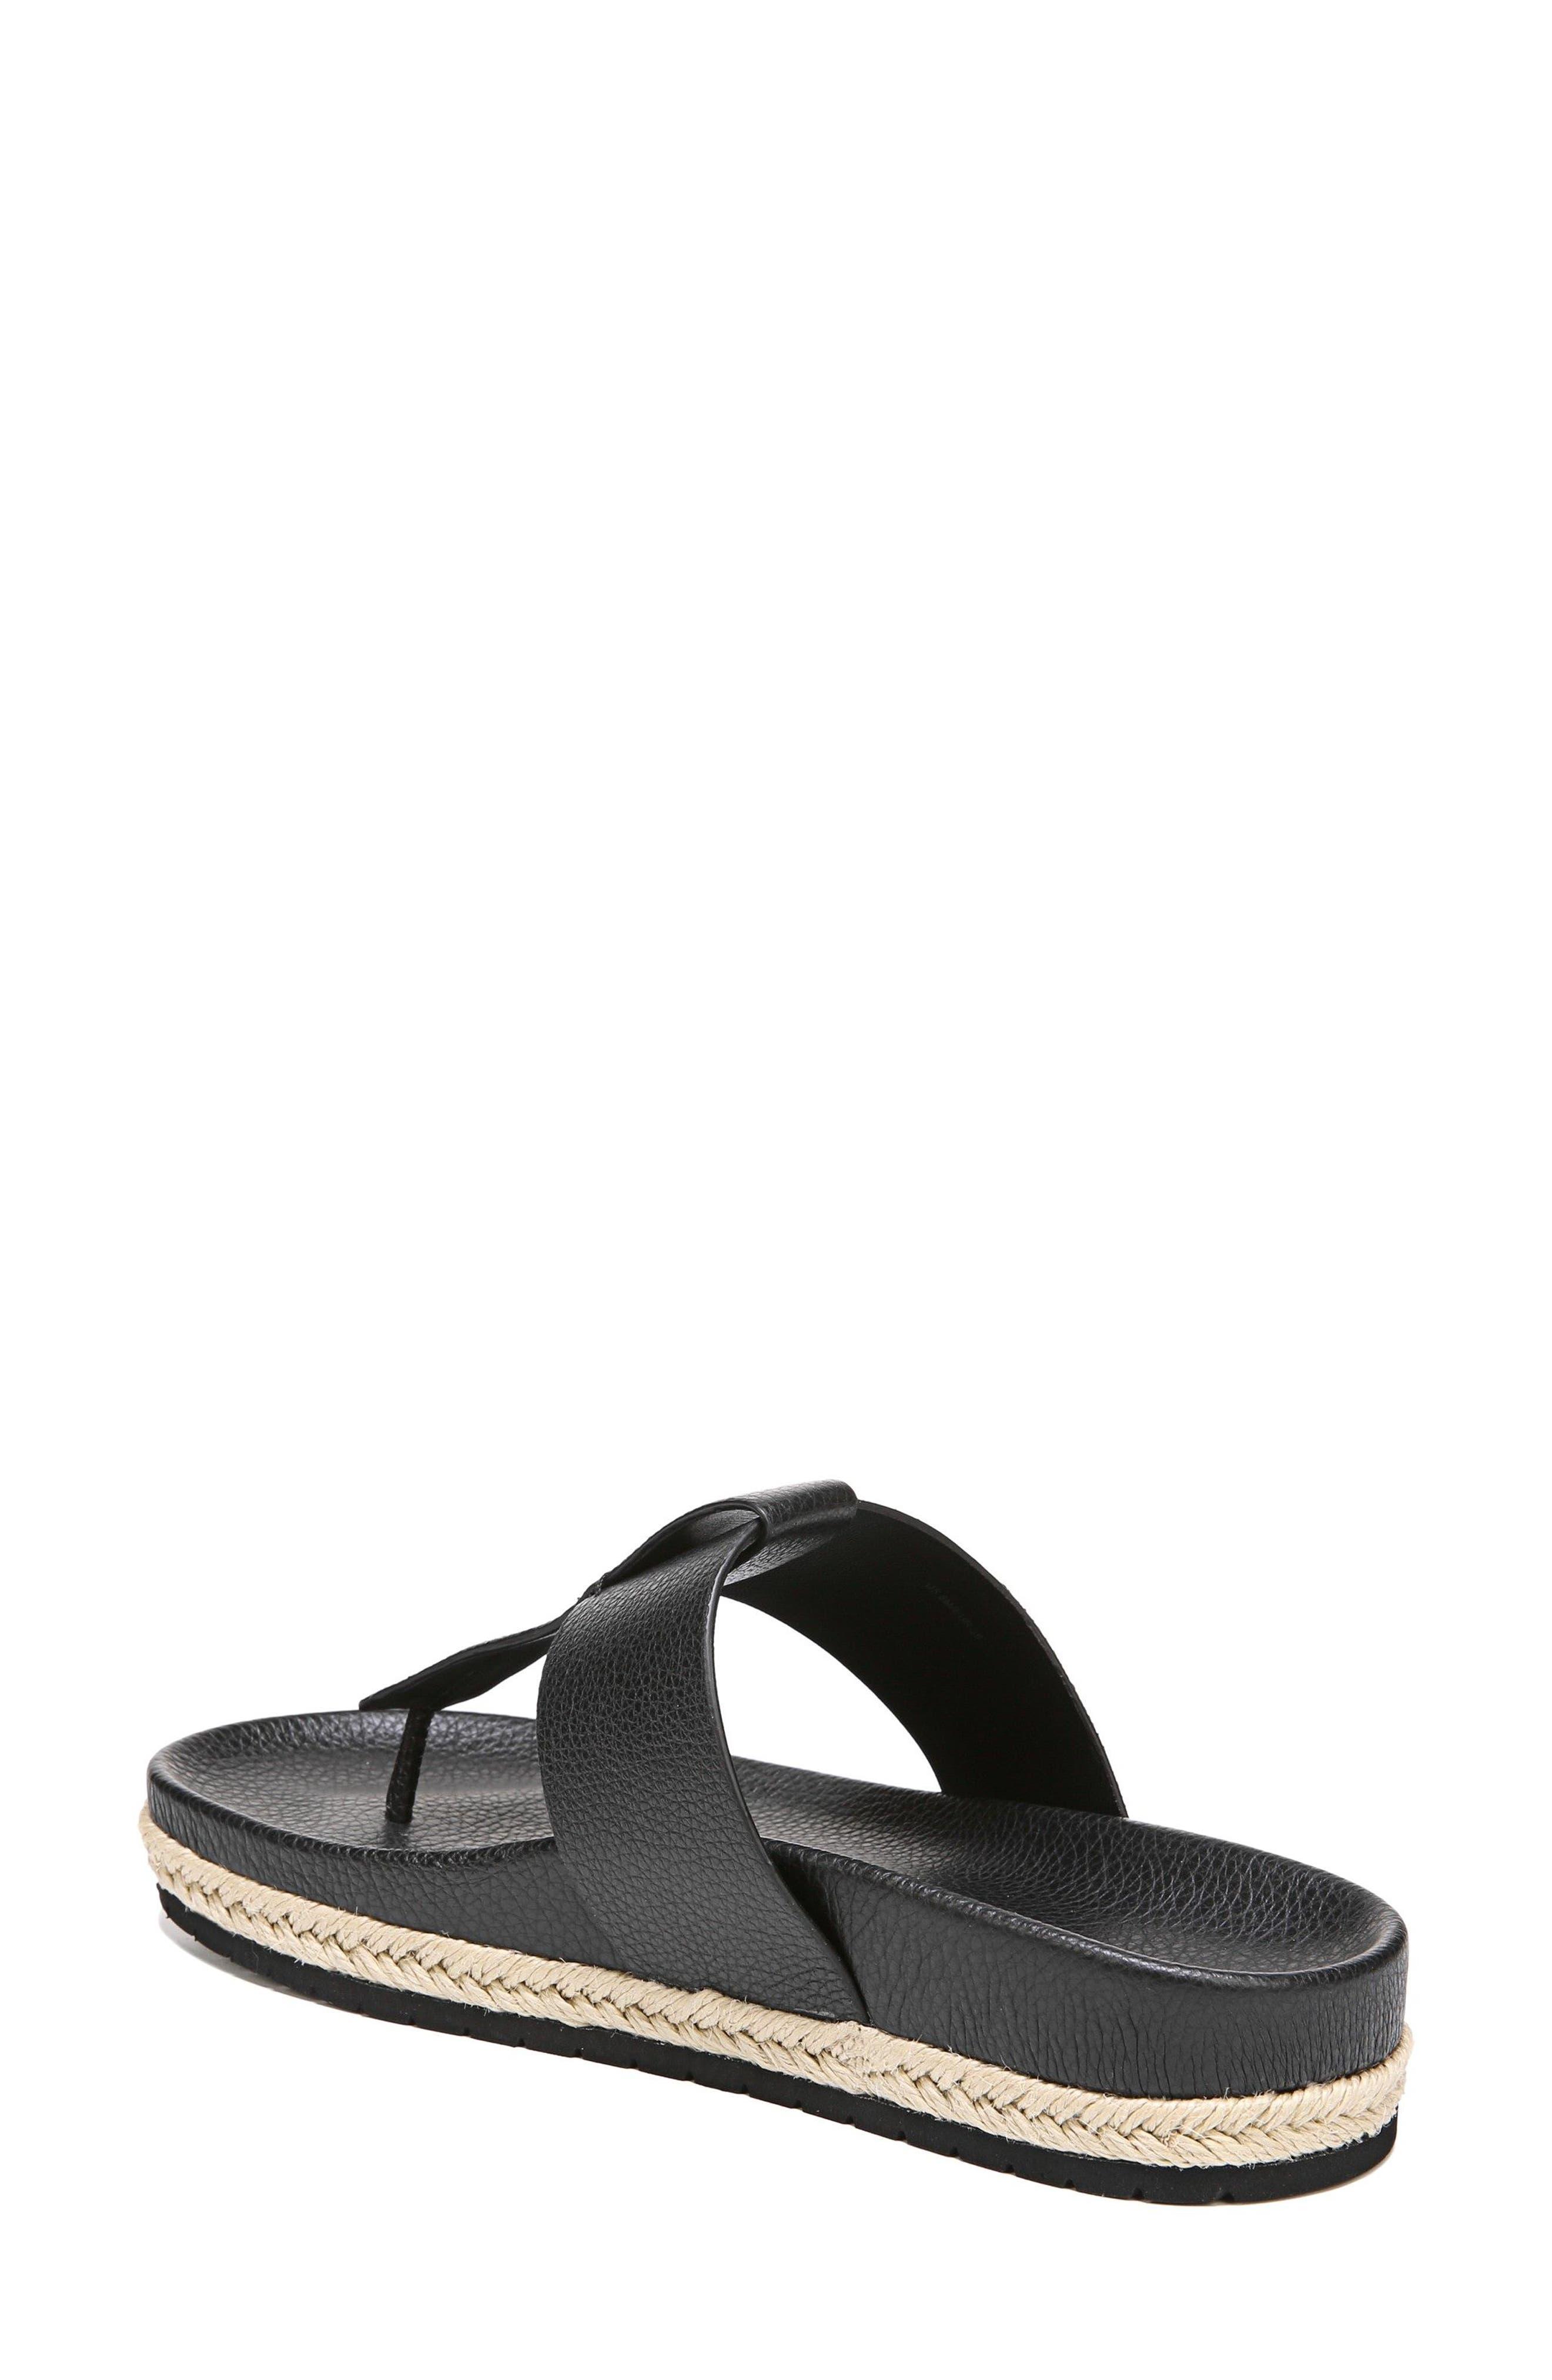 Avani T-Strap Flat Sandal,                             Alternate thumbnail 5, color,